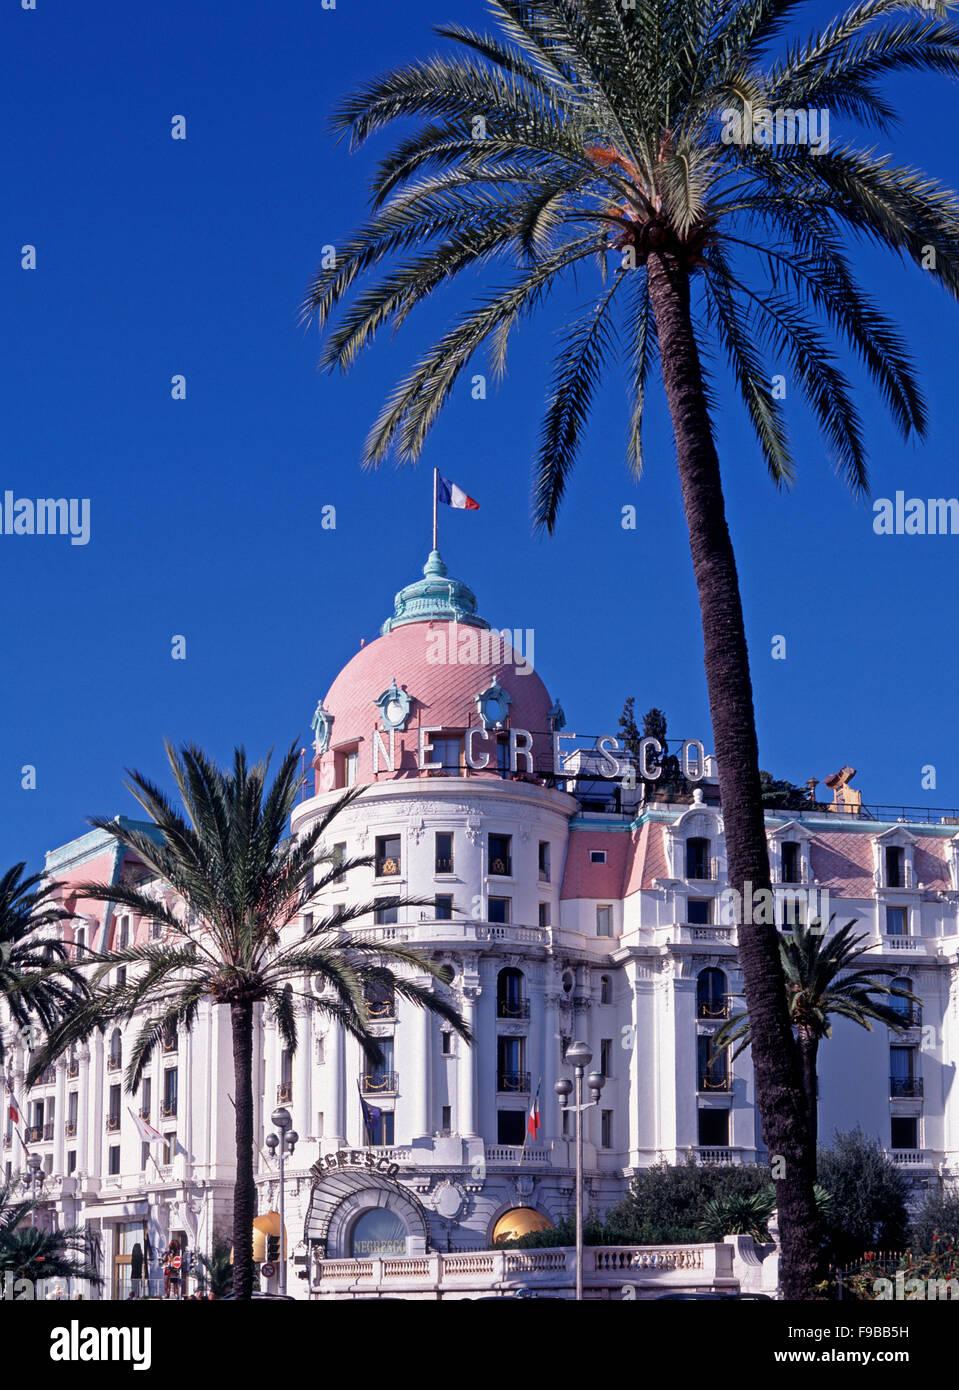 Promenade des Anglais e l'Hotel Negresco, Nizza Cote d'Azur, Costa Azzurra, Francia Immagini Stock